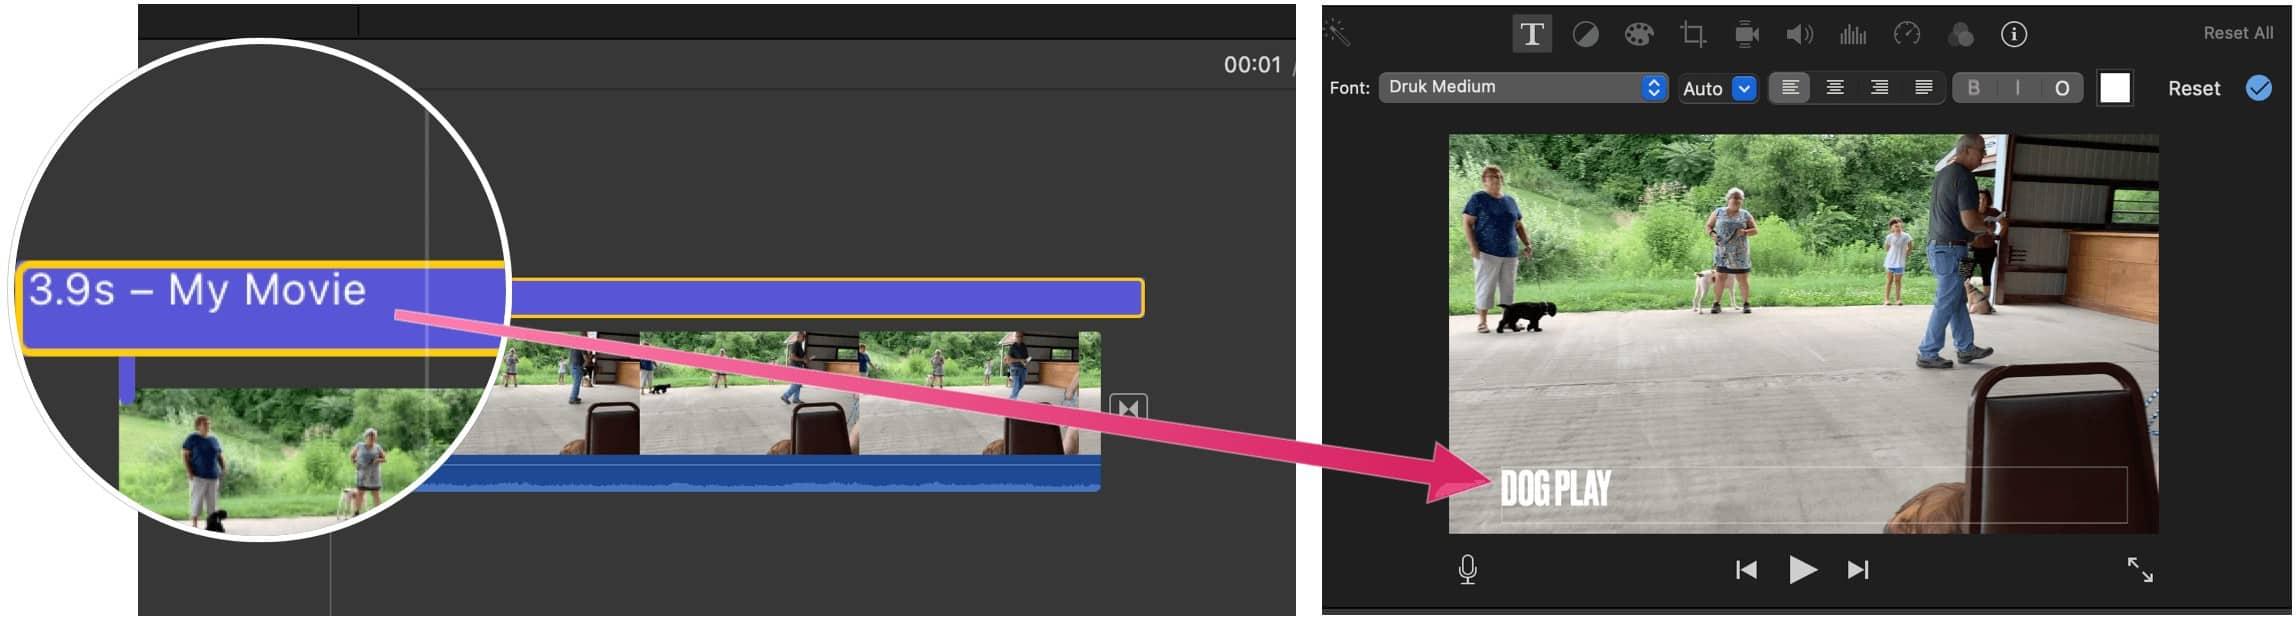 Editing Videos With iMovie iMovie title